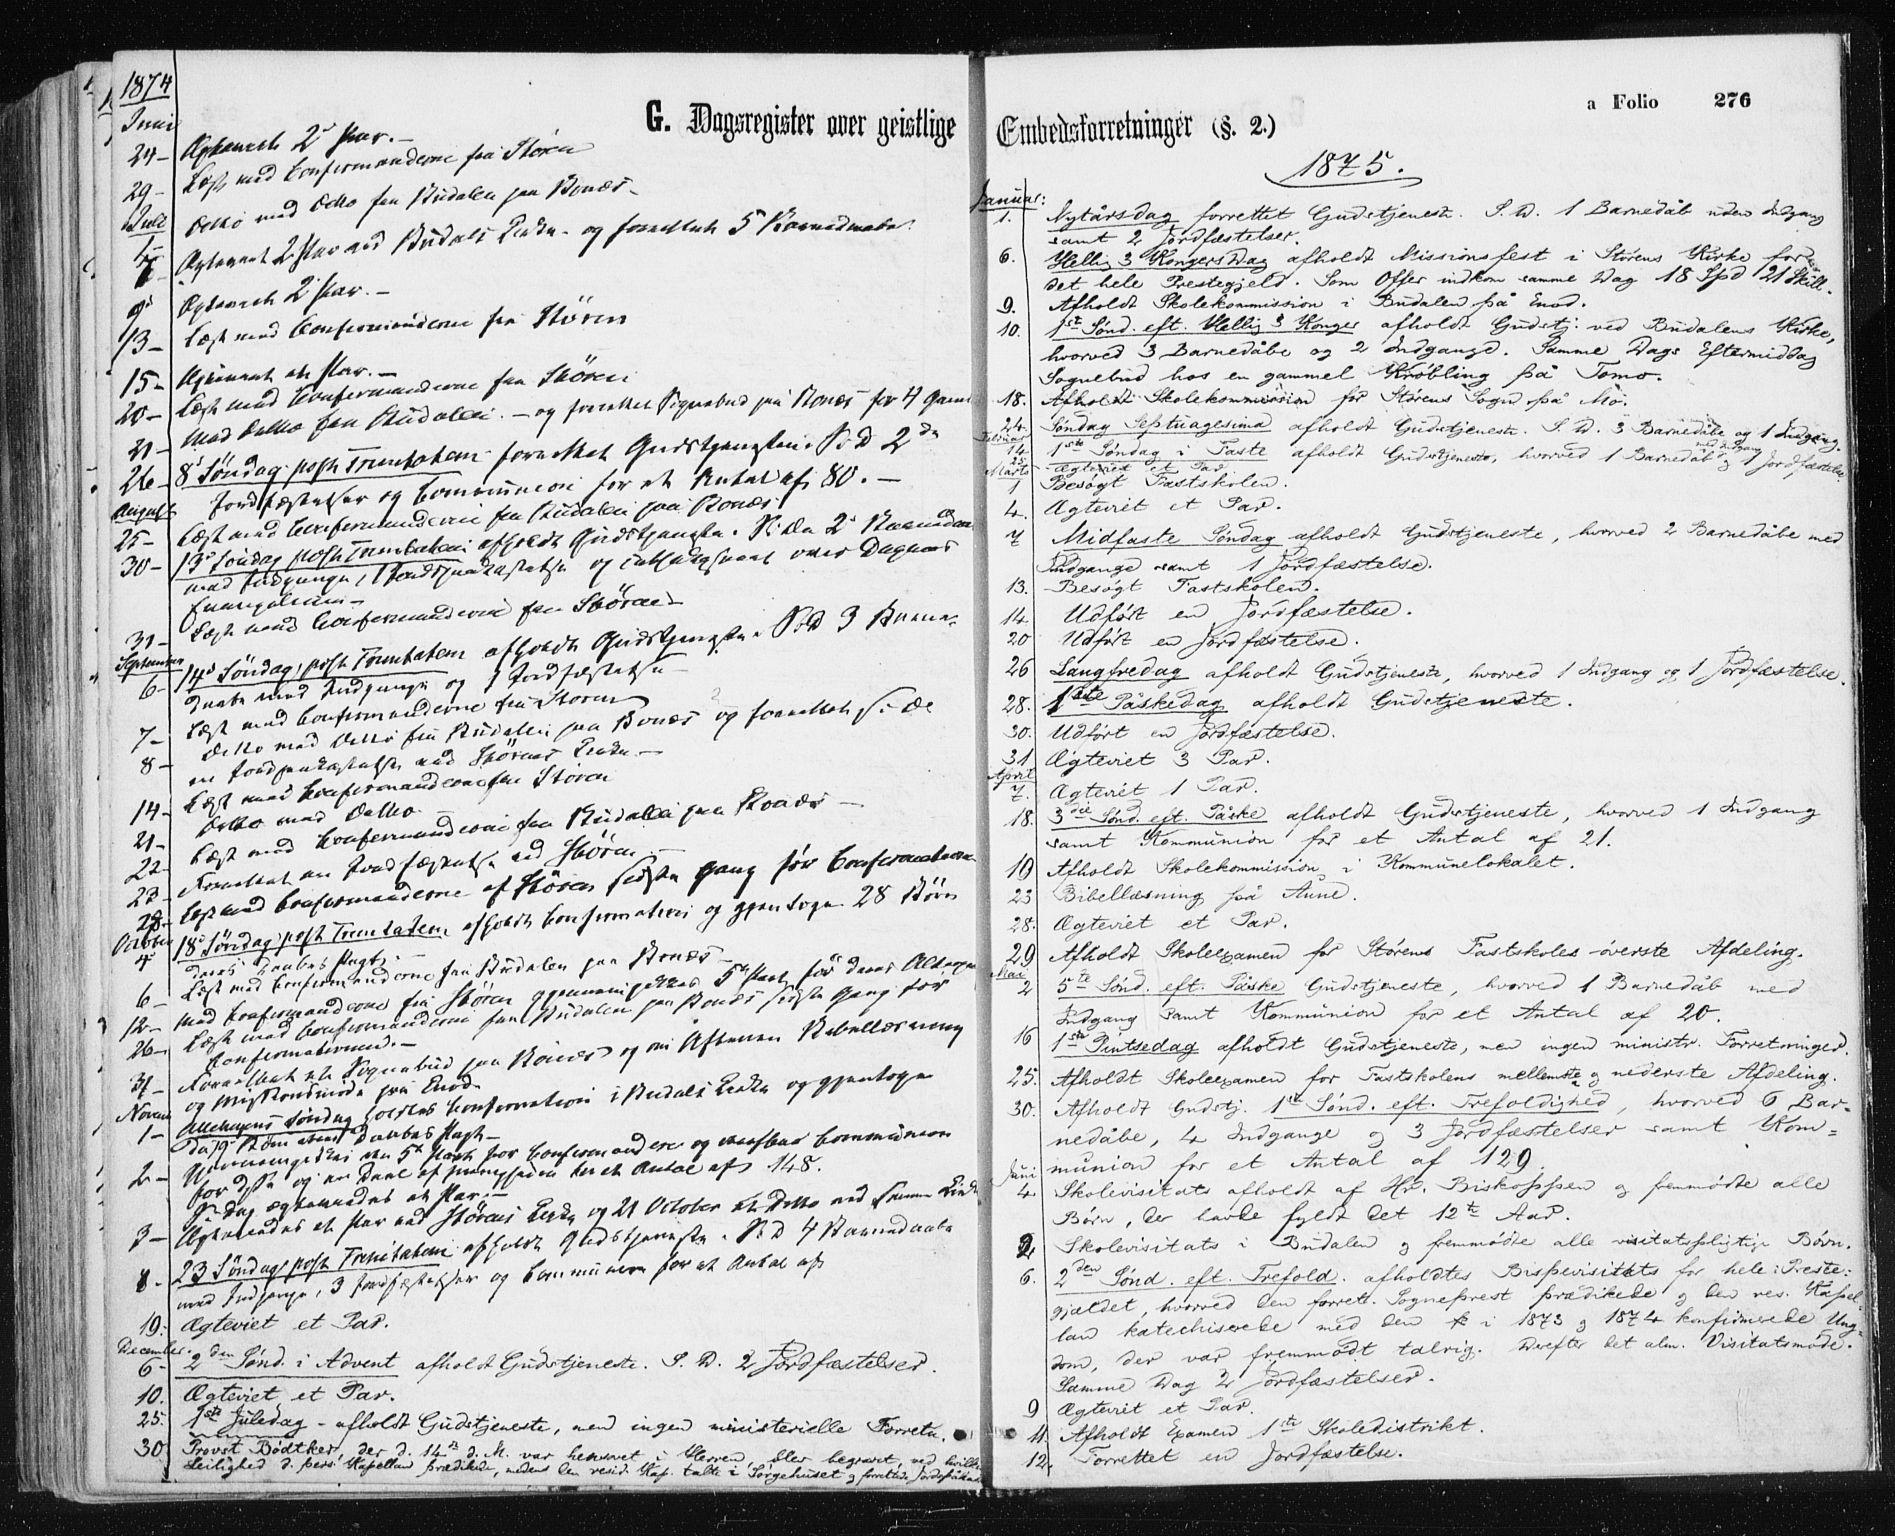 SAT, Ministerialprotokoller, klokkerbøker og fødselsregistre - Sør-Trøndelag, 687/L1001: Ministerialbok nr. 687A07, 1863-1878, s. 276